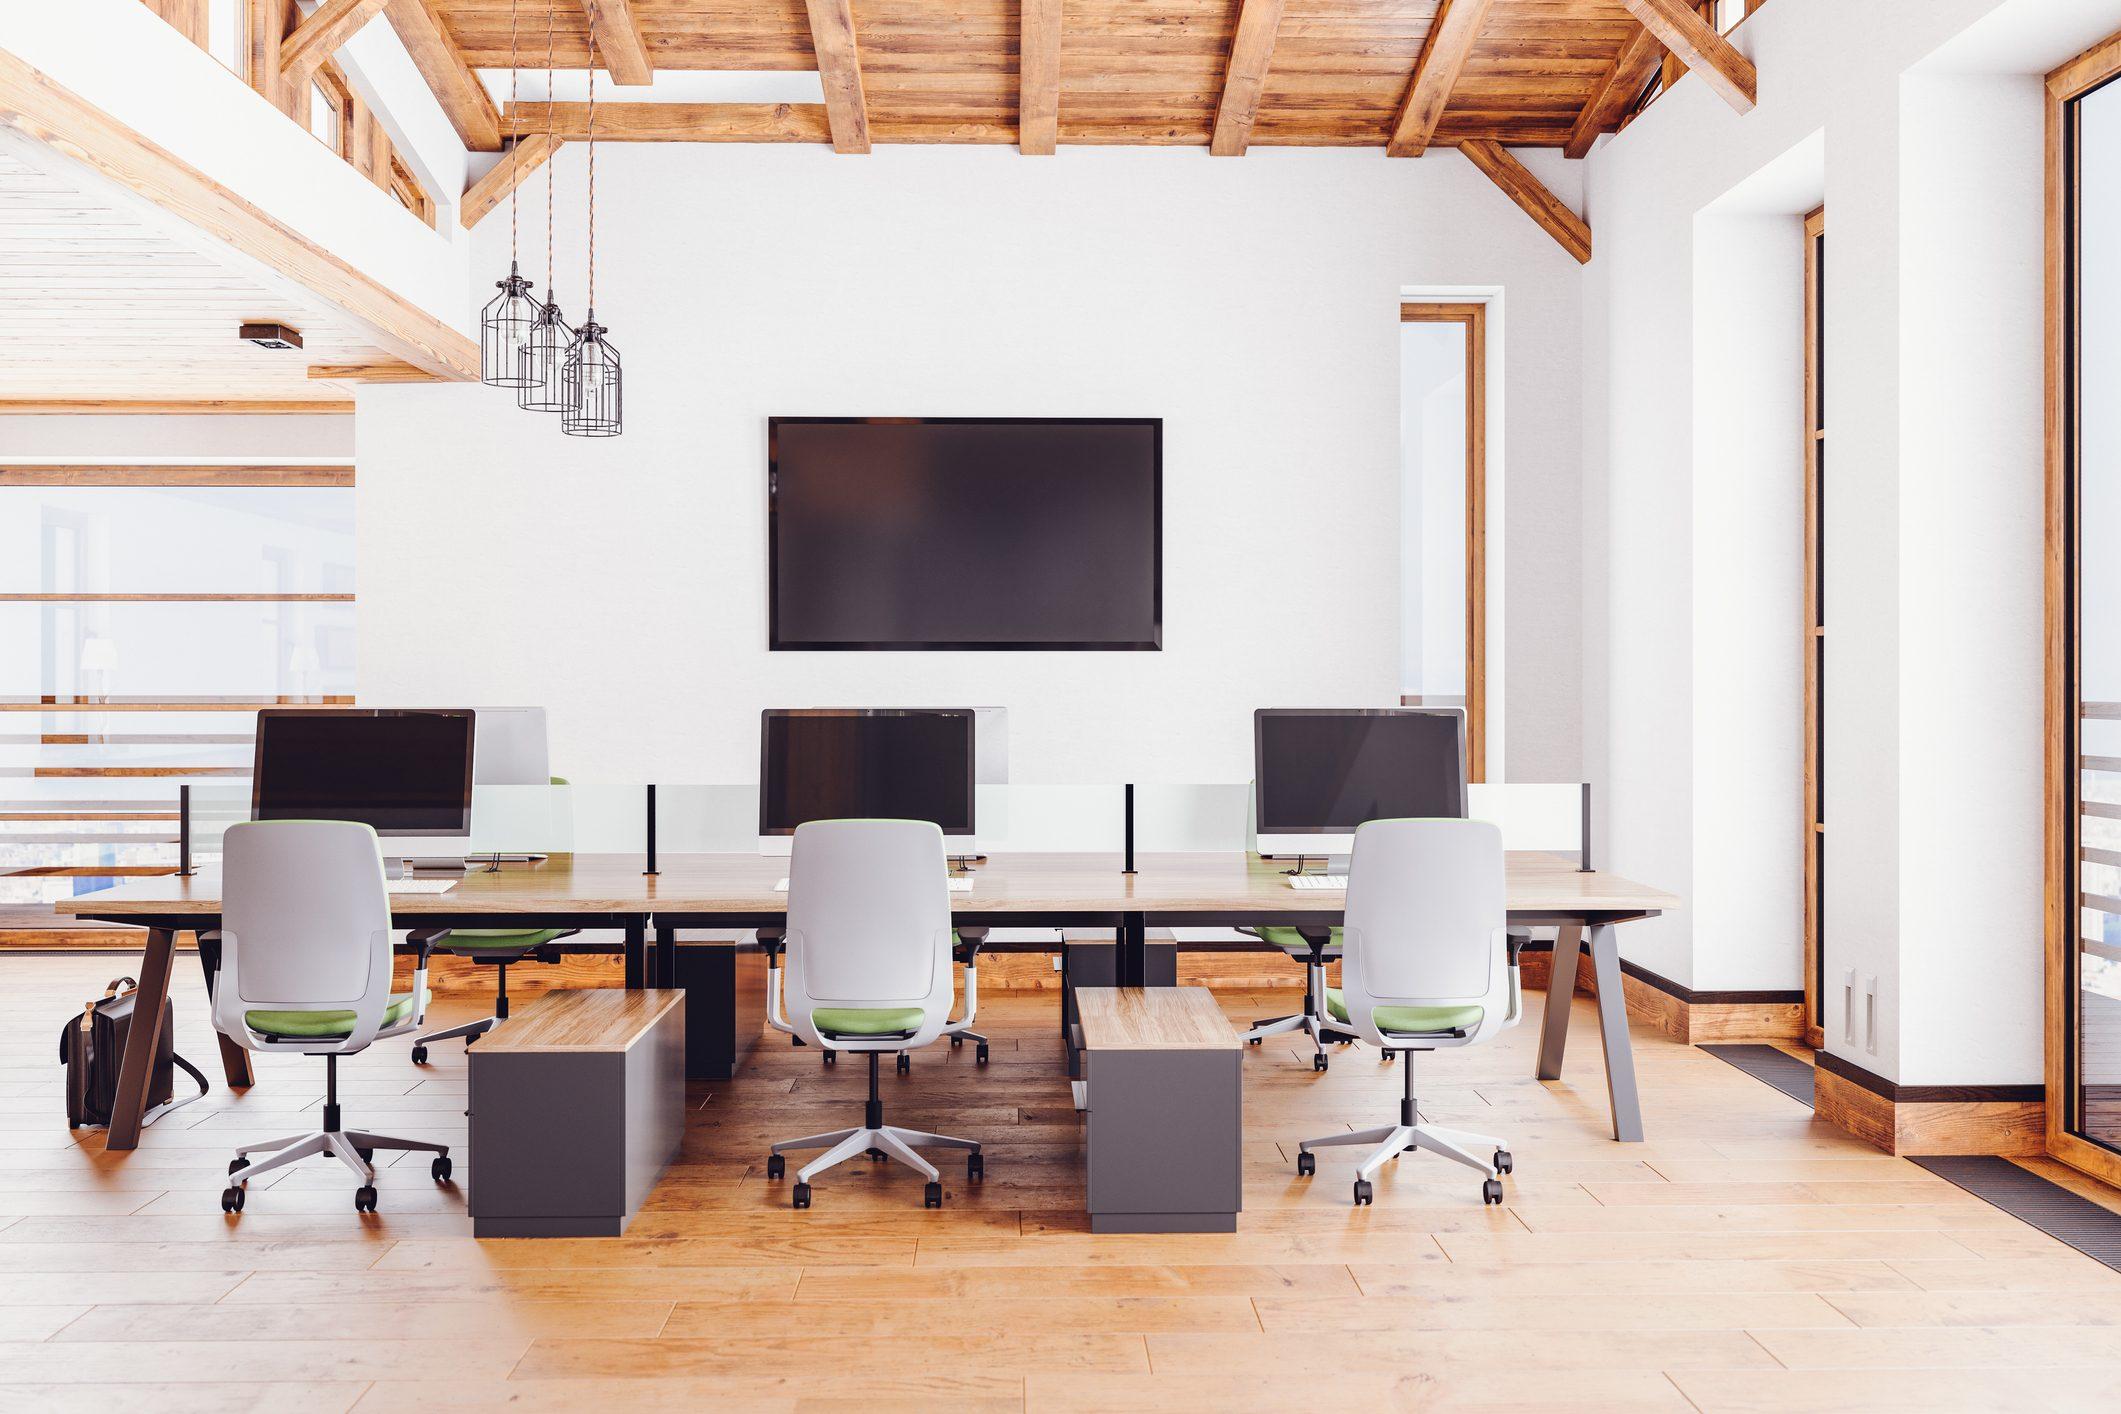 Loft Office Interior